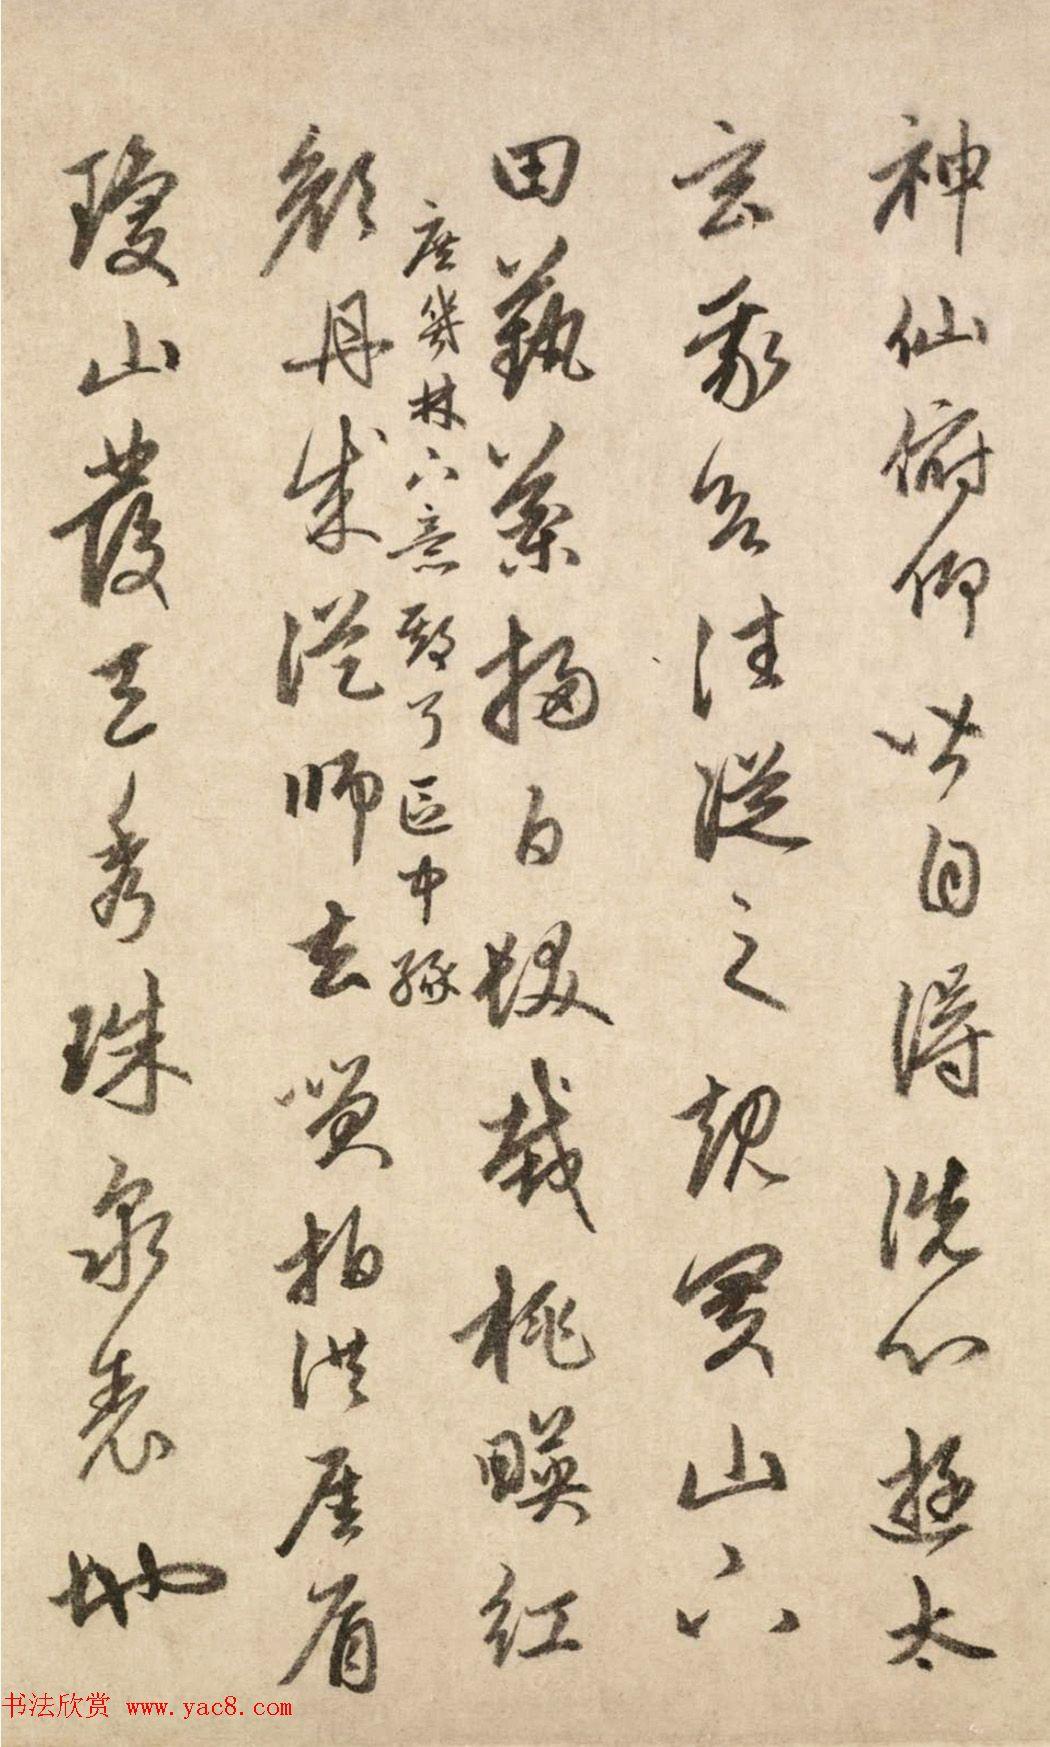 赵孟頫66岁行书《为杜真人赋诗二首》